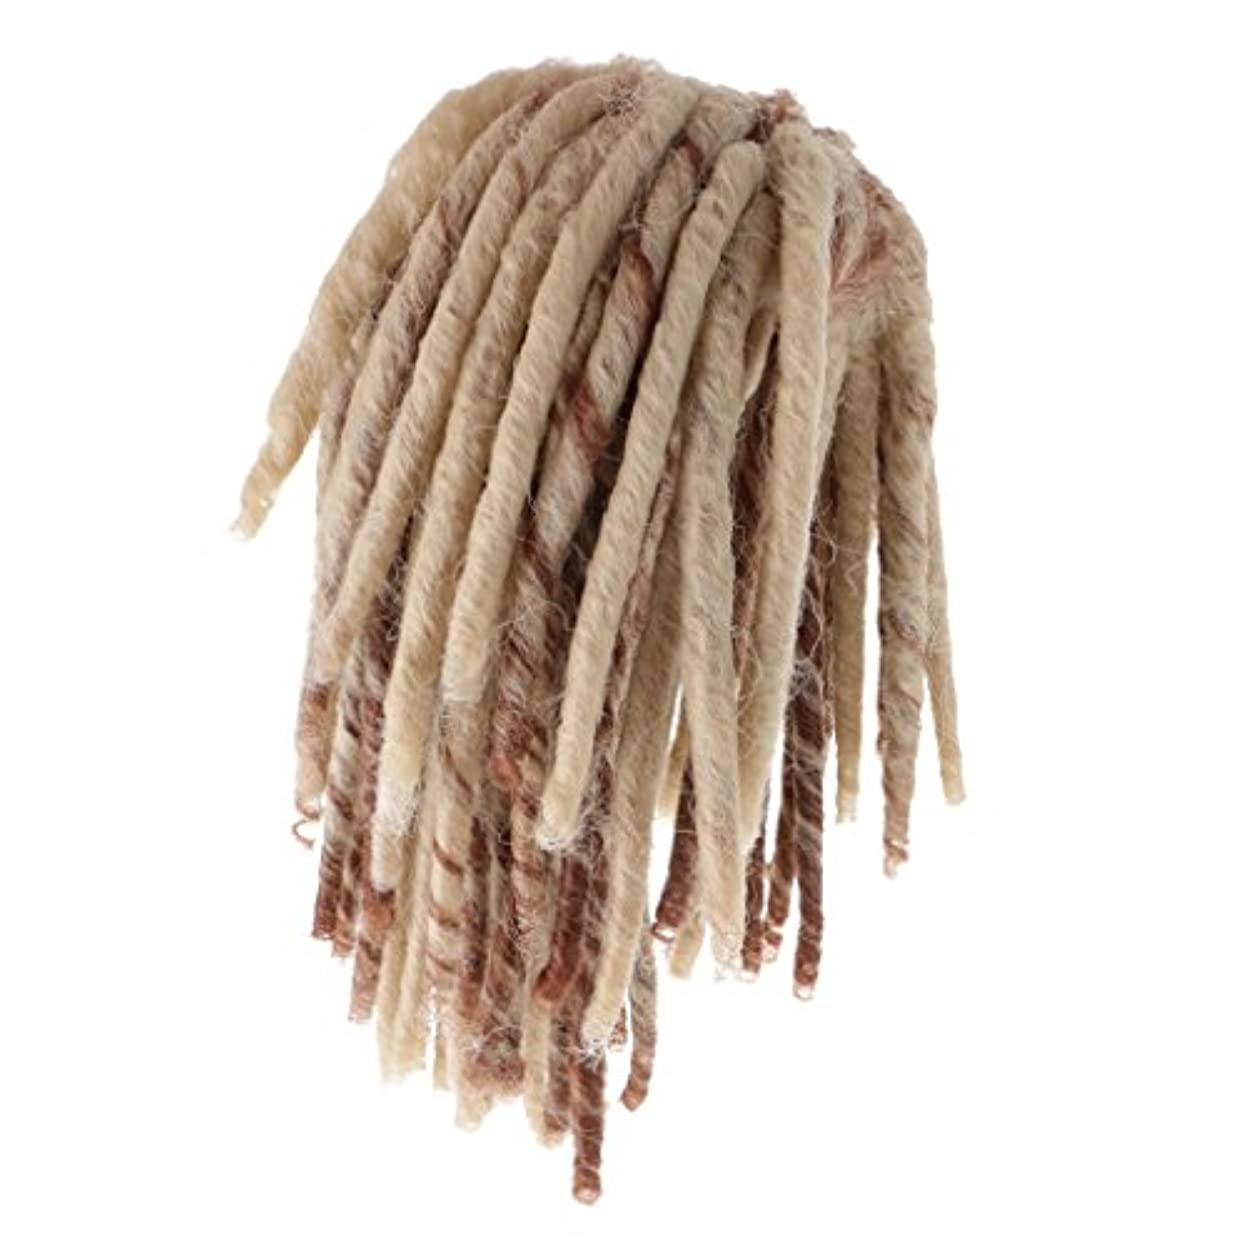 流鰐ブラインドDovewill 人形用ウィッグ  ドレッドかつら  カーリー かつら  髪 ヘア 18インチドール用  DIY修理用品  全2色  - ブラウン